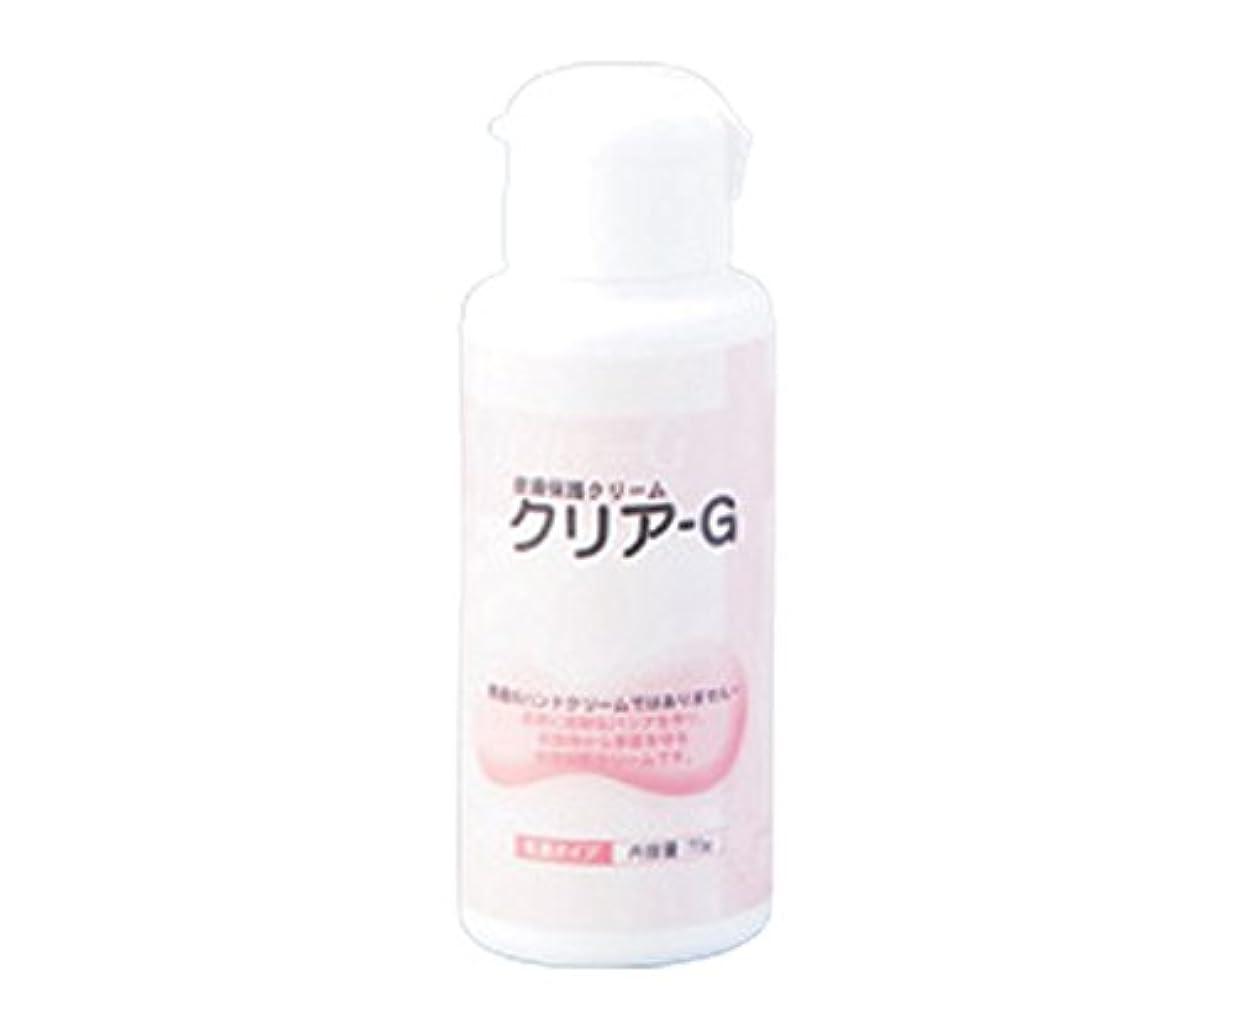 自明手配する遠近法皮膚保護クリーム(クリア-G) 70g